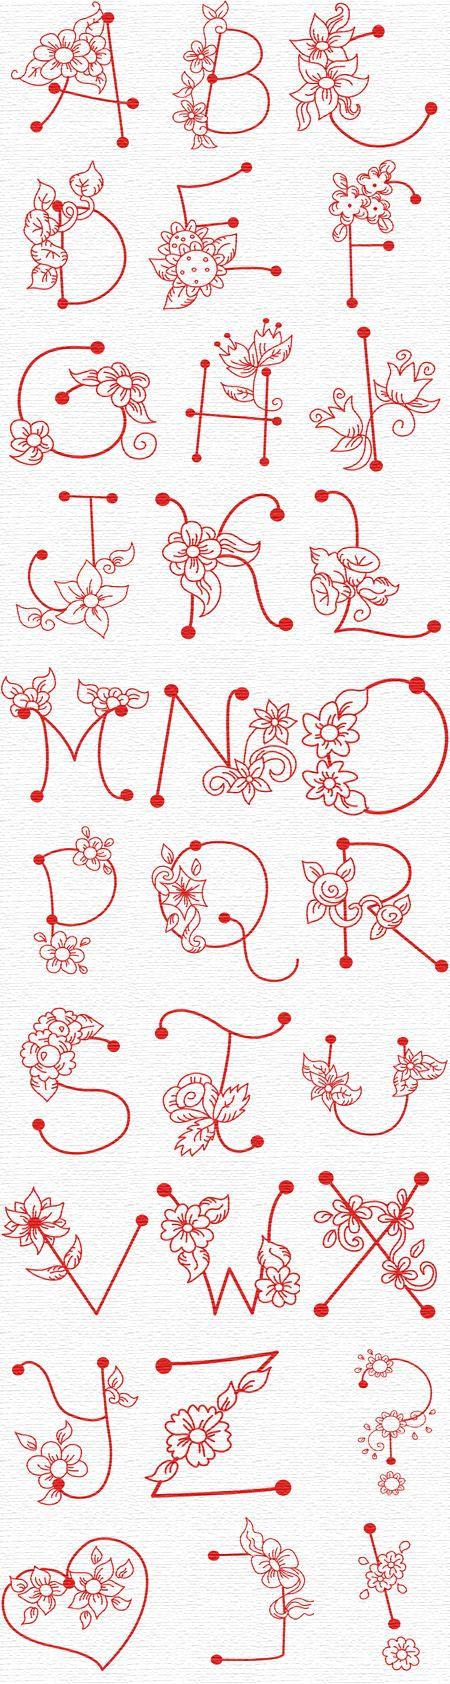 flower letters for art journal inspiration